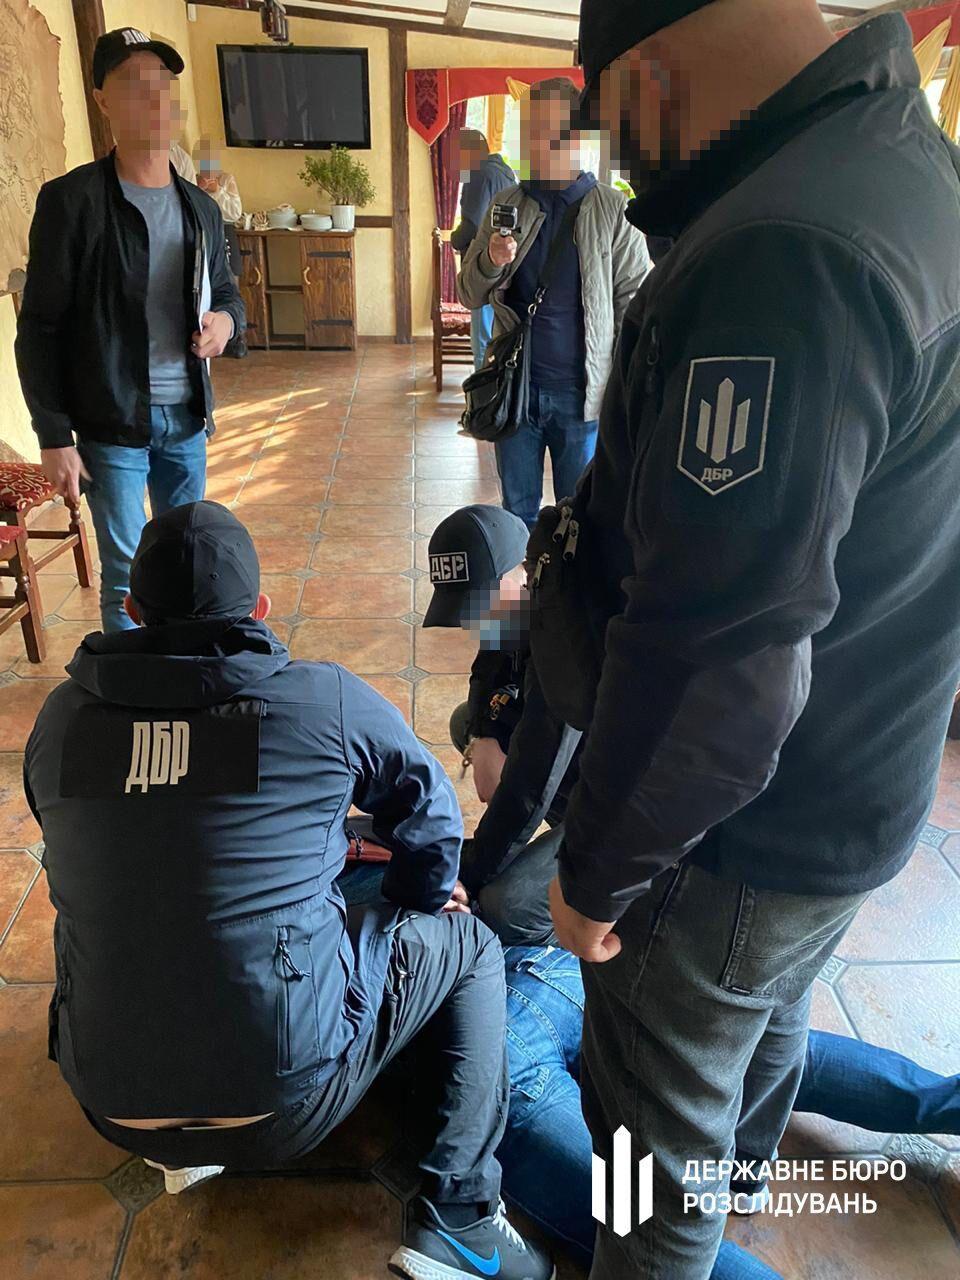 Шантажисту помогали сотрудники ГБР